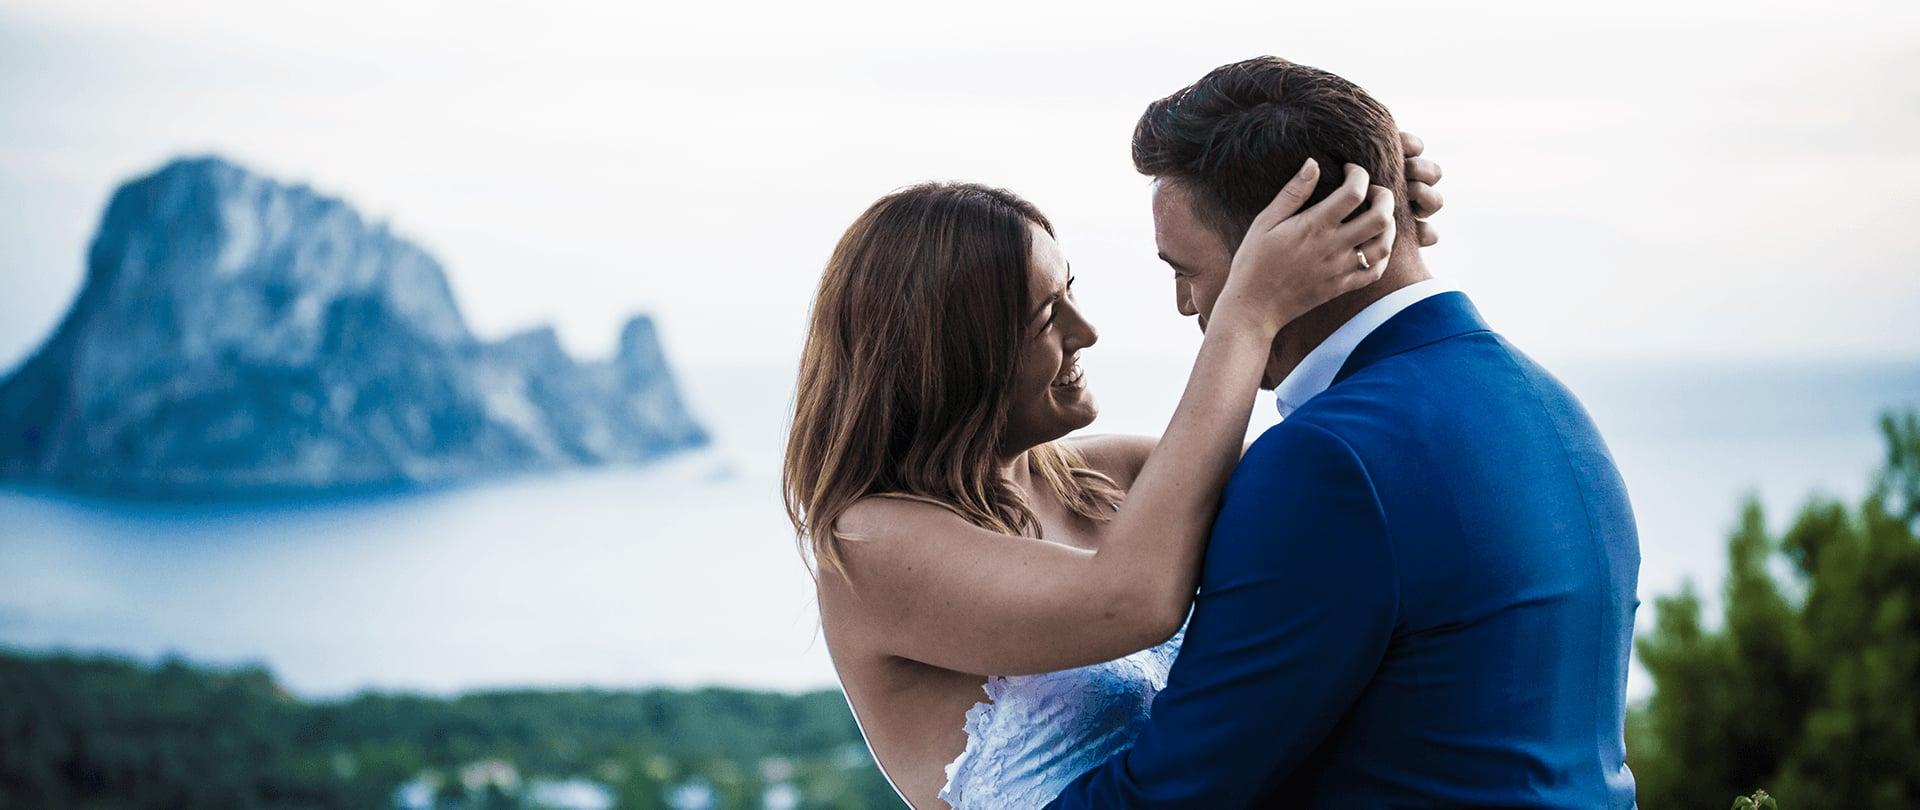 James & Gem Wedding Video Filmed at Ibiza, Spain